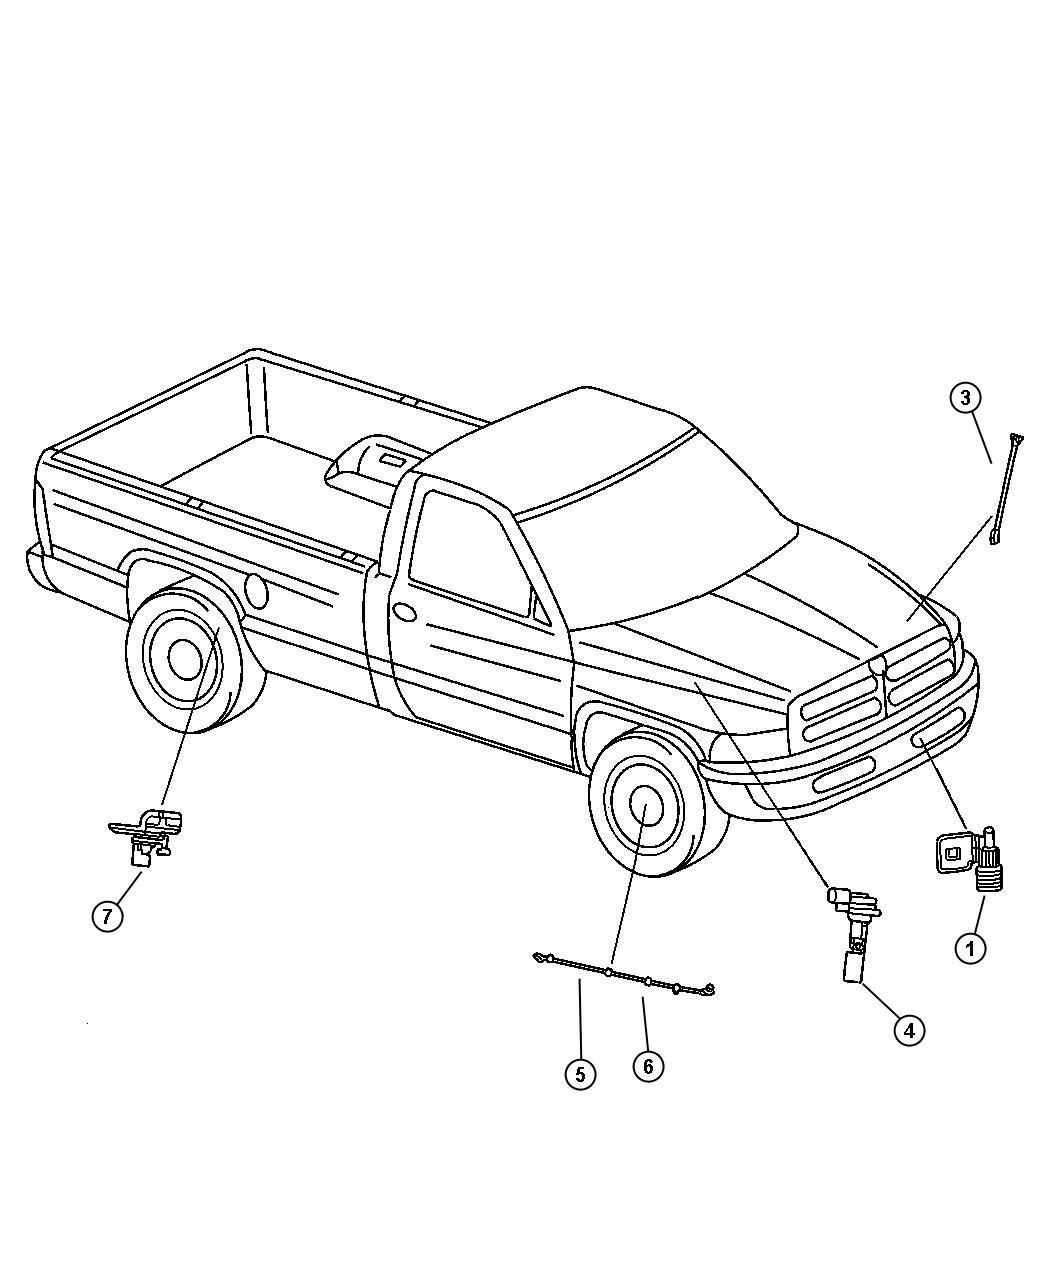 2001 Dodge Ram 2500 QUAD CAB 8FT BOX 5.9L CUMMINS 24V